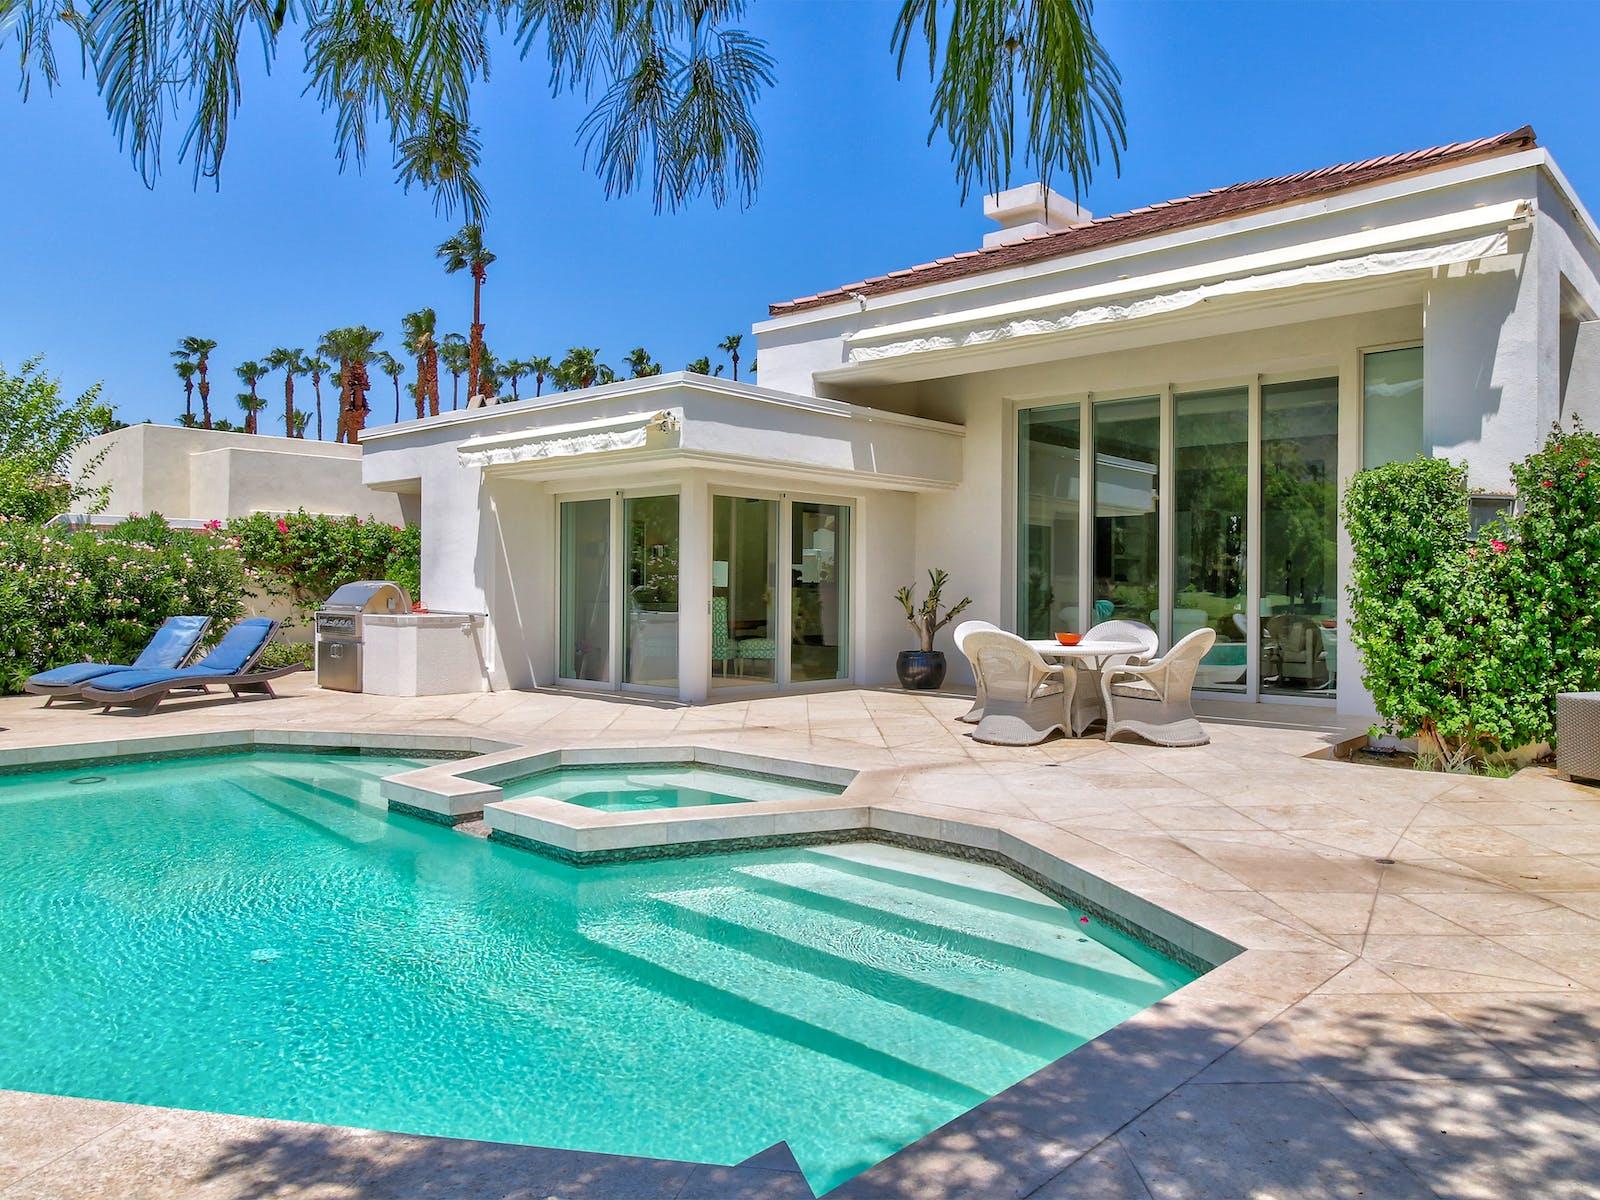 Vacation rental outdoor pool located in La Quinta, CA